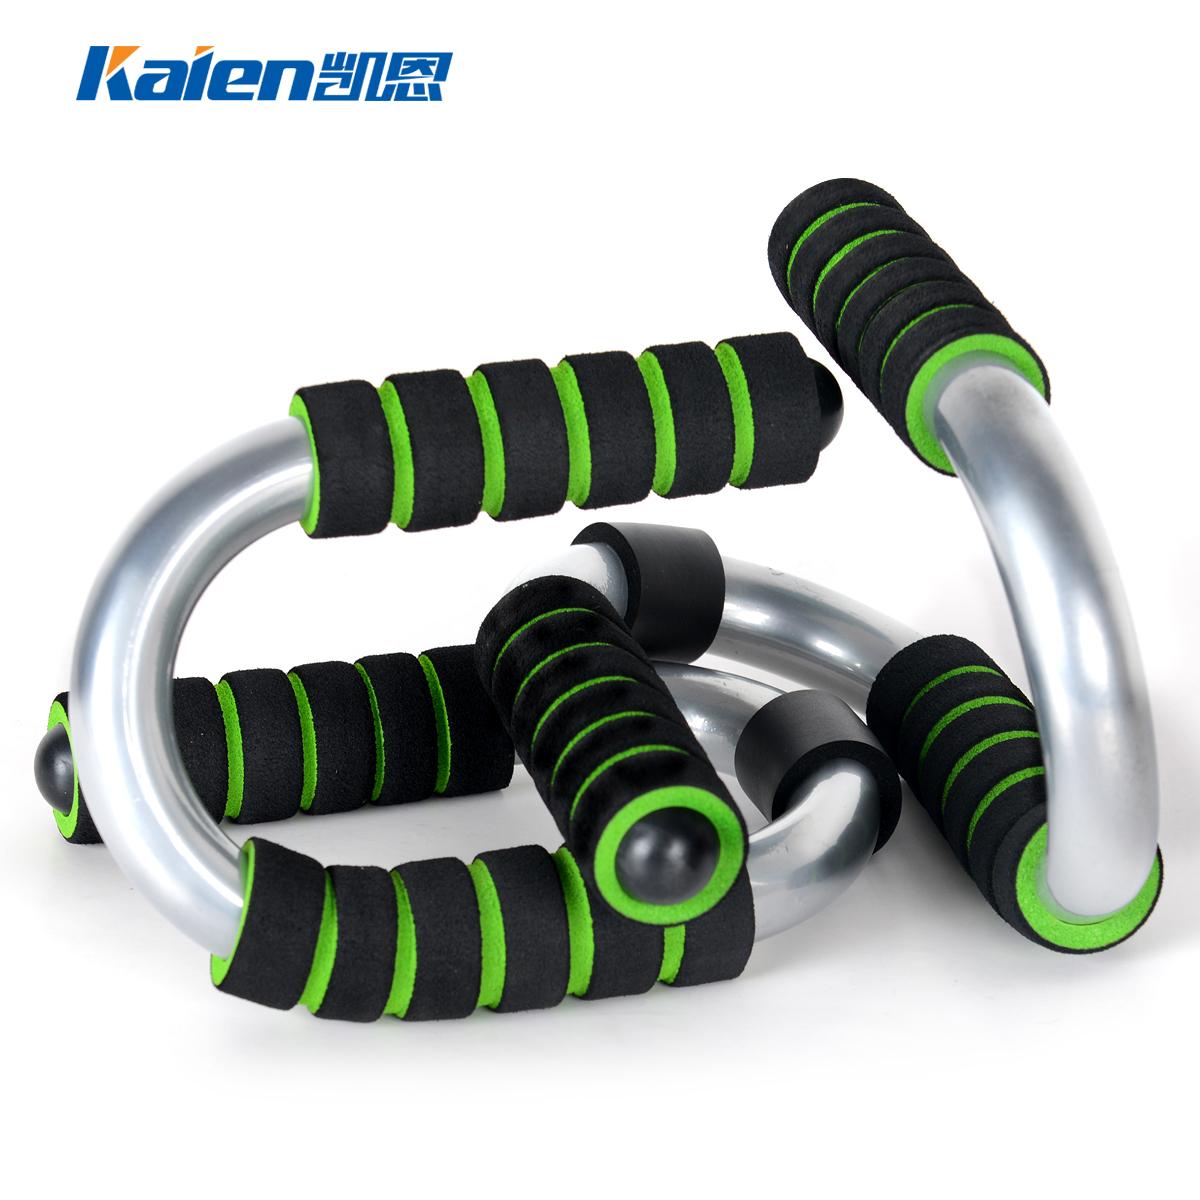 高碳钢俯卧撑支架 s型俯卧撑架 室内健身器材胸肌训练器体育用品